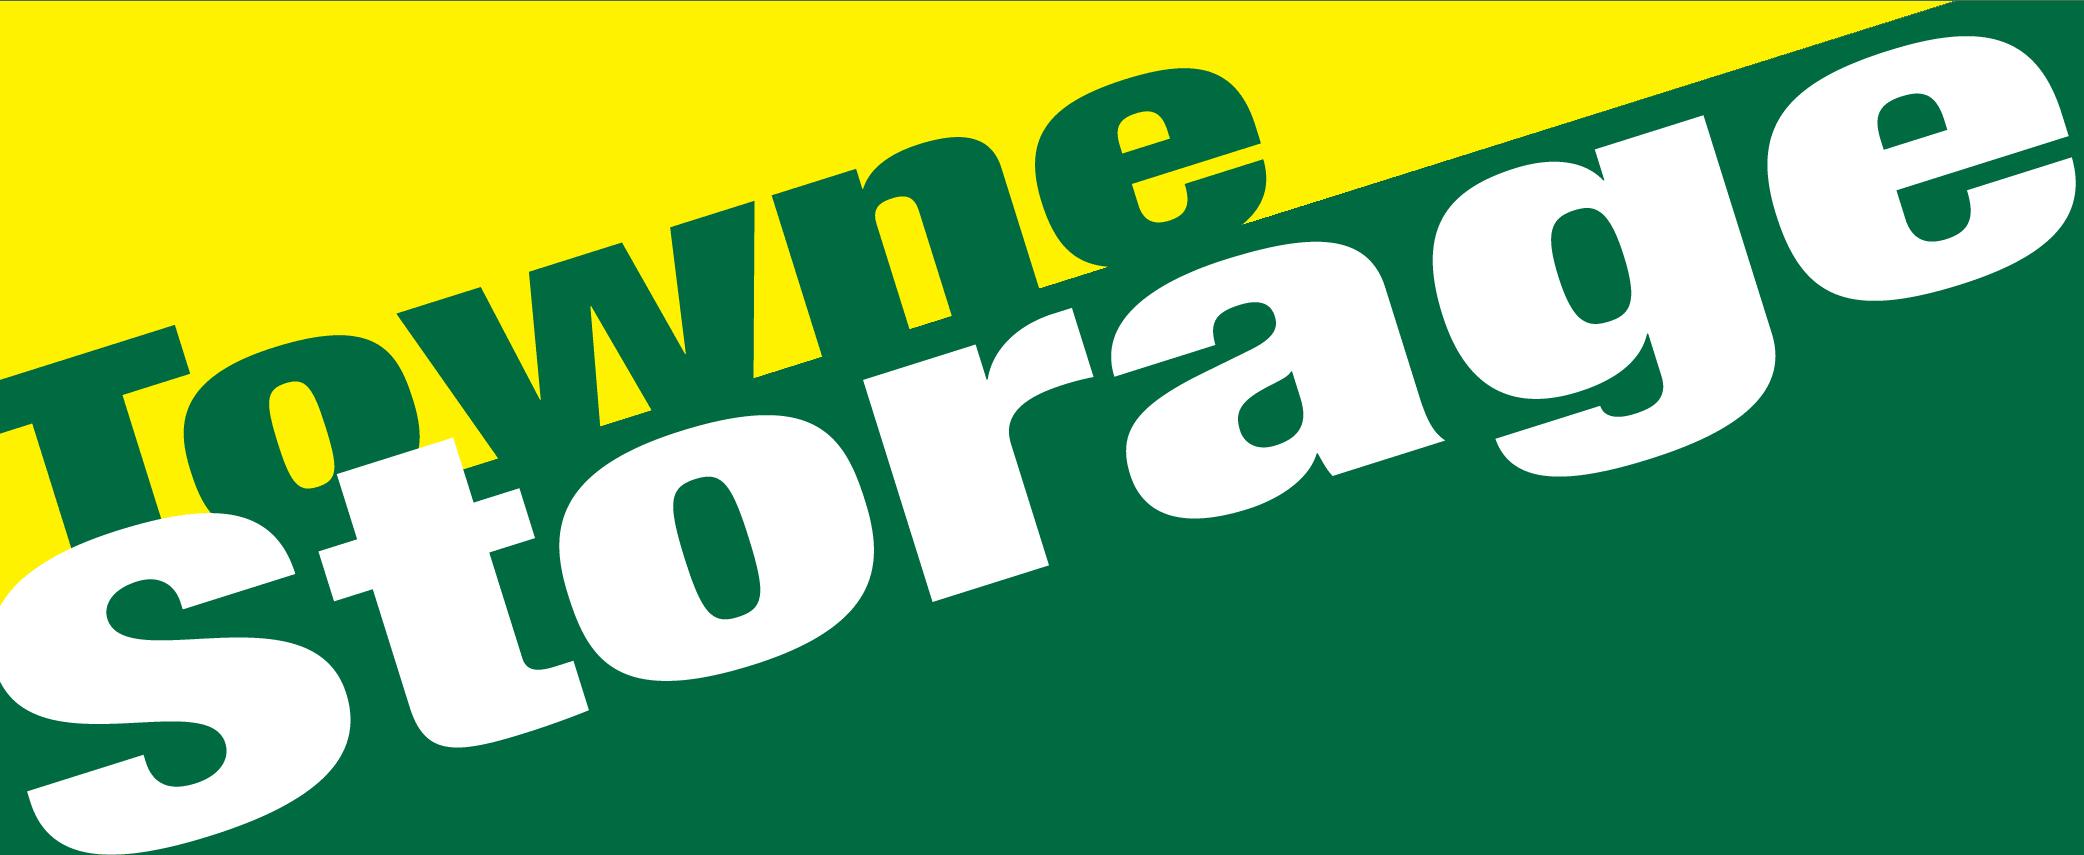 Towne Storage - Sunset logo